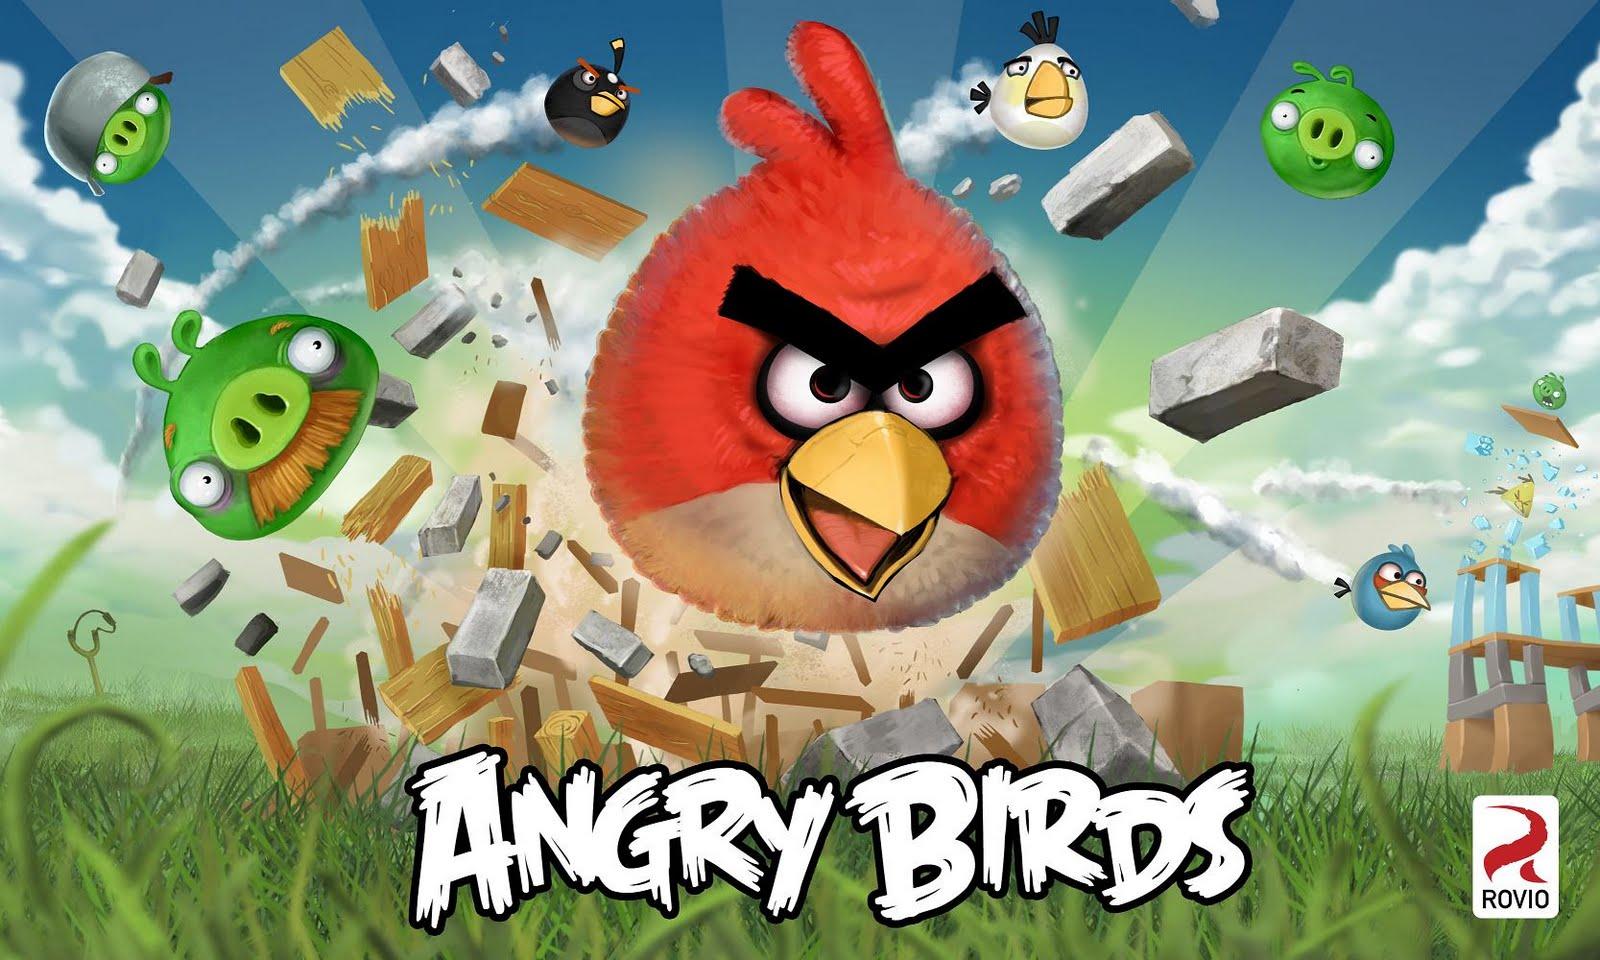 http://2.bp.blogspot.com/-XQJWjeog7Vg/TdKKufgnqyI/AAAAAAAABtY/BR9_RkED9rw/s1600/angrybirdso.jpg